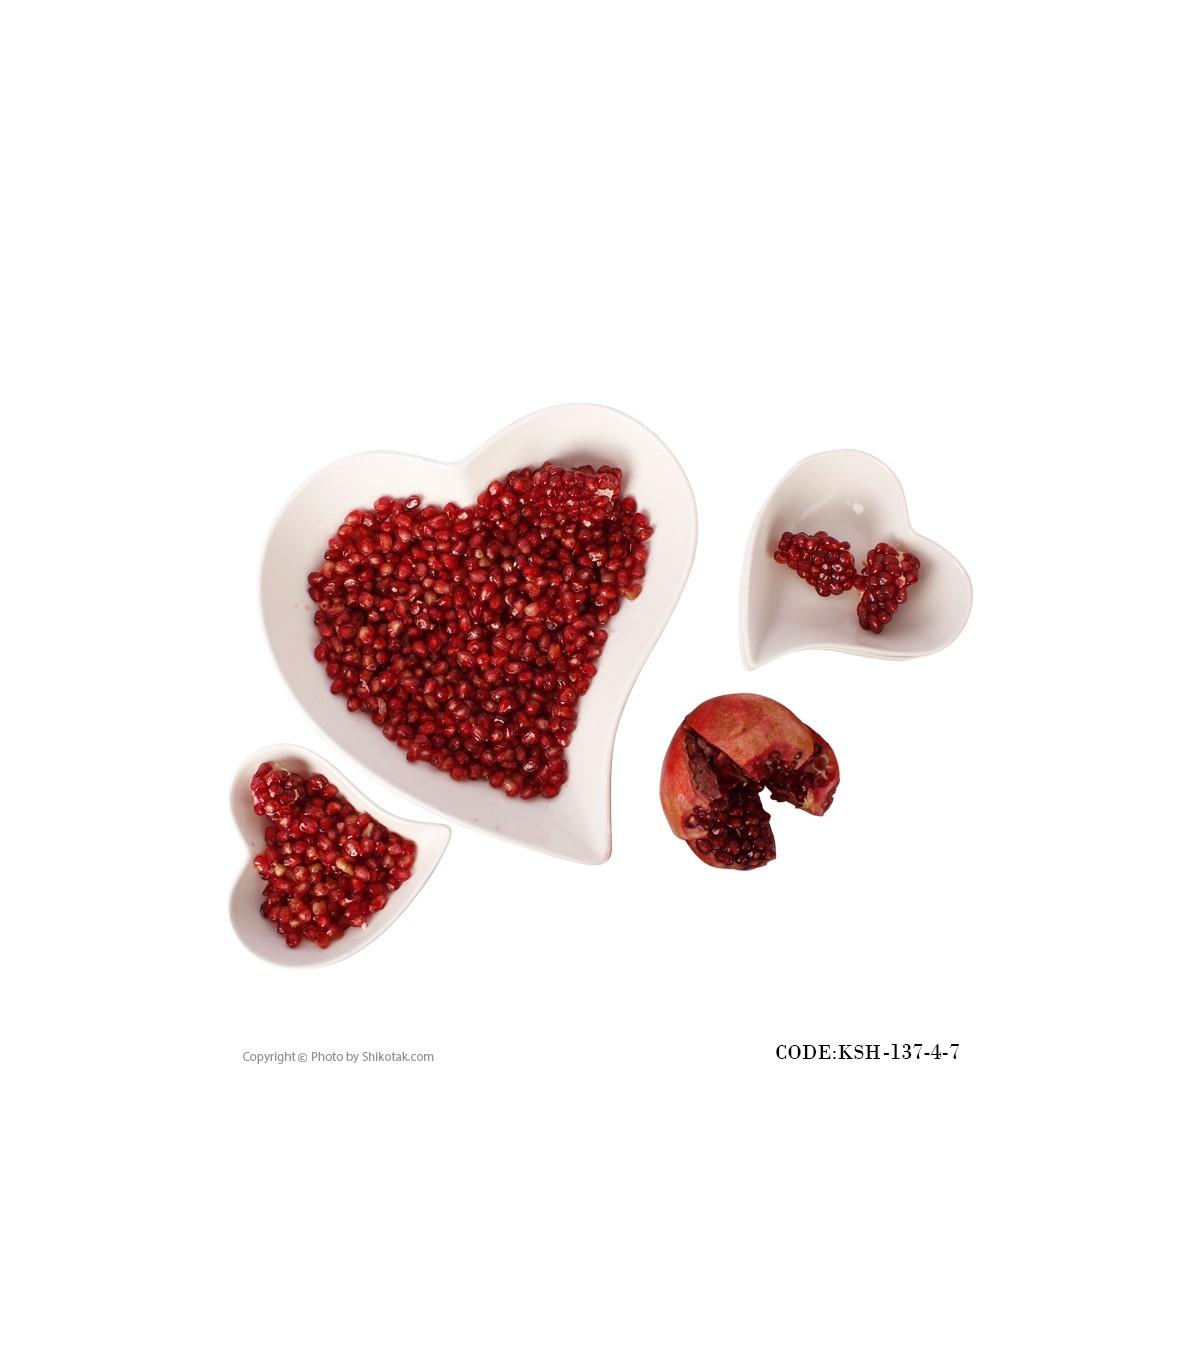 آجیل خوری طرح قلب مدل 137-4-7